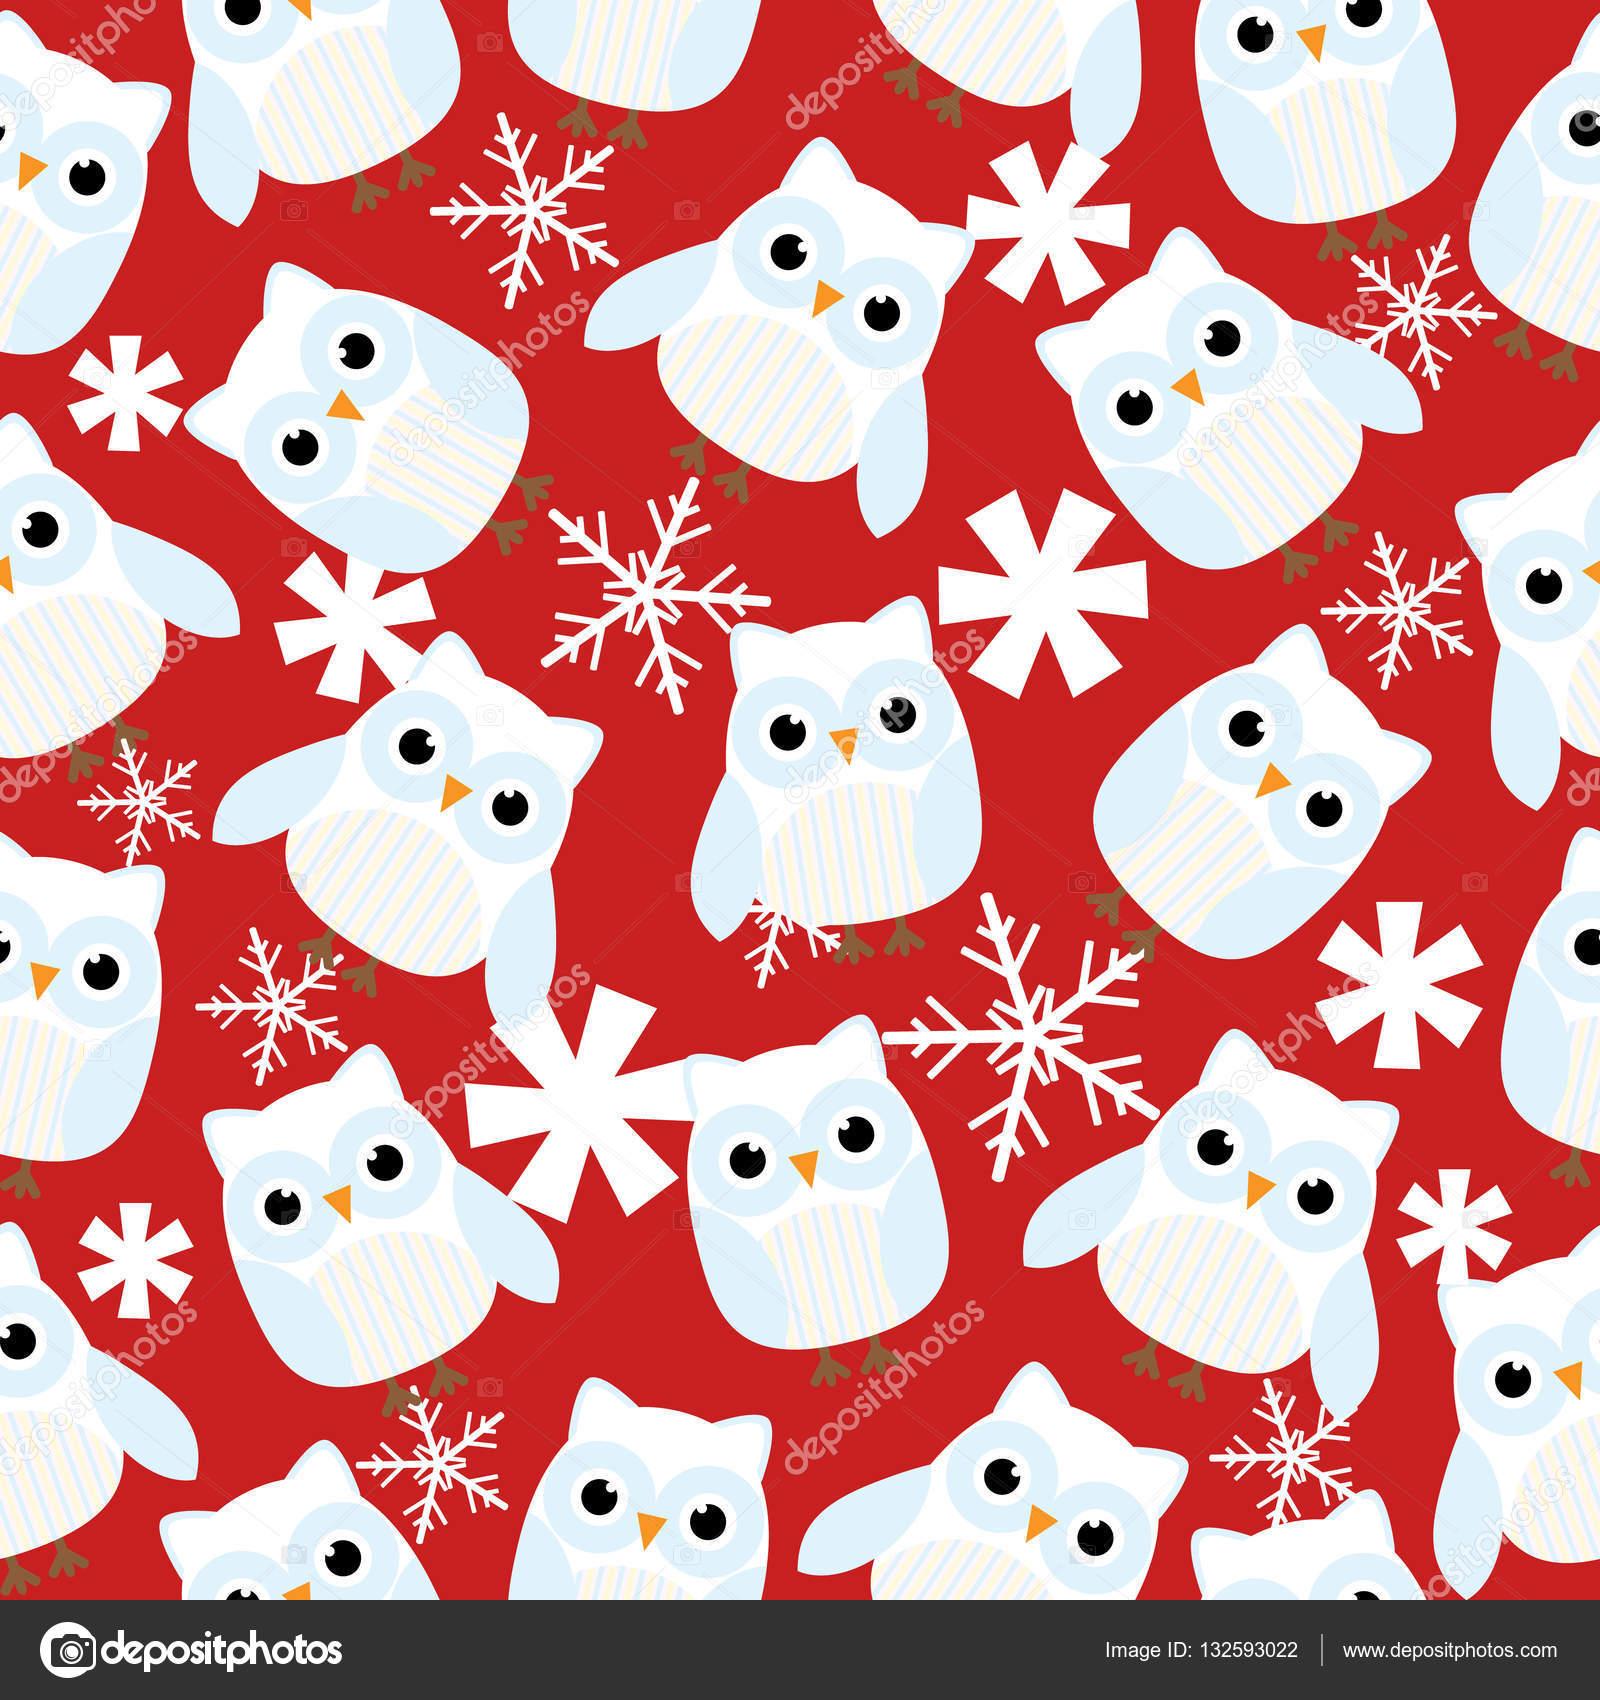 クリスマス イラスト背景が赤い子供クリスマス壁紙、メモ用紙やはがきに